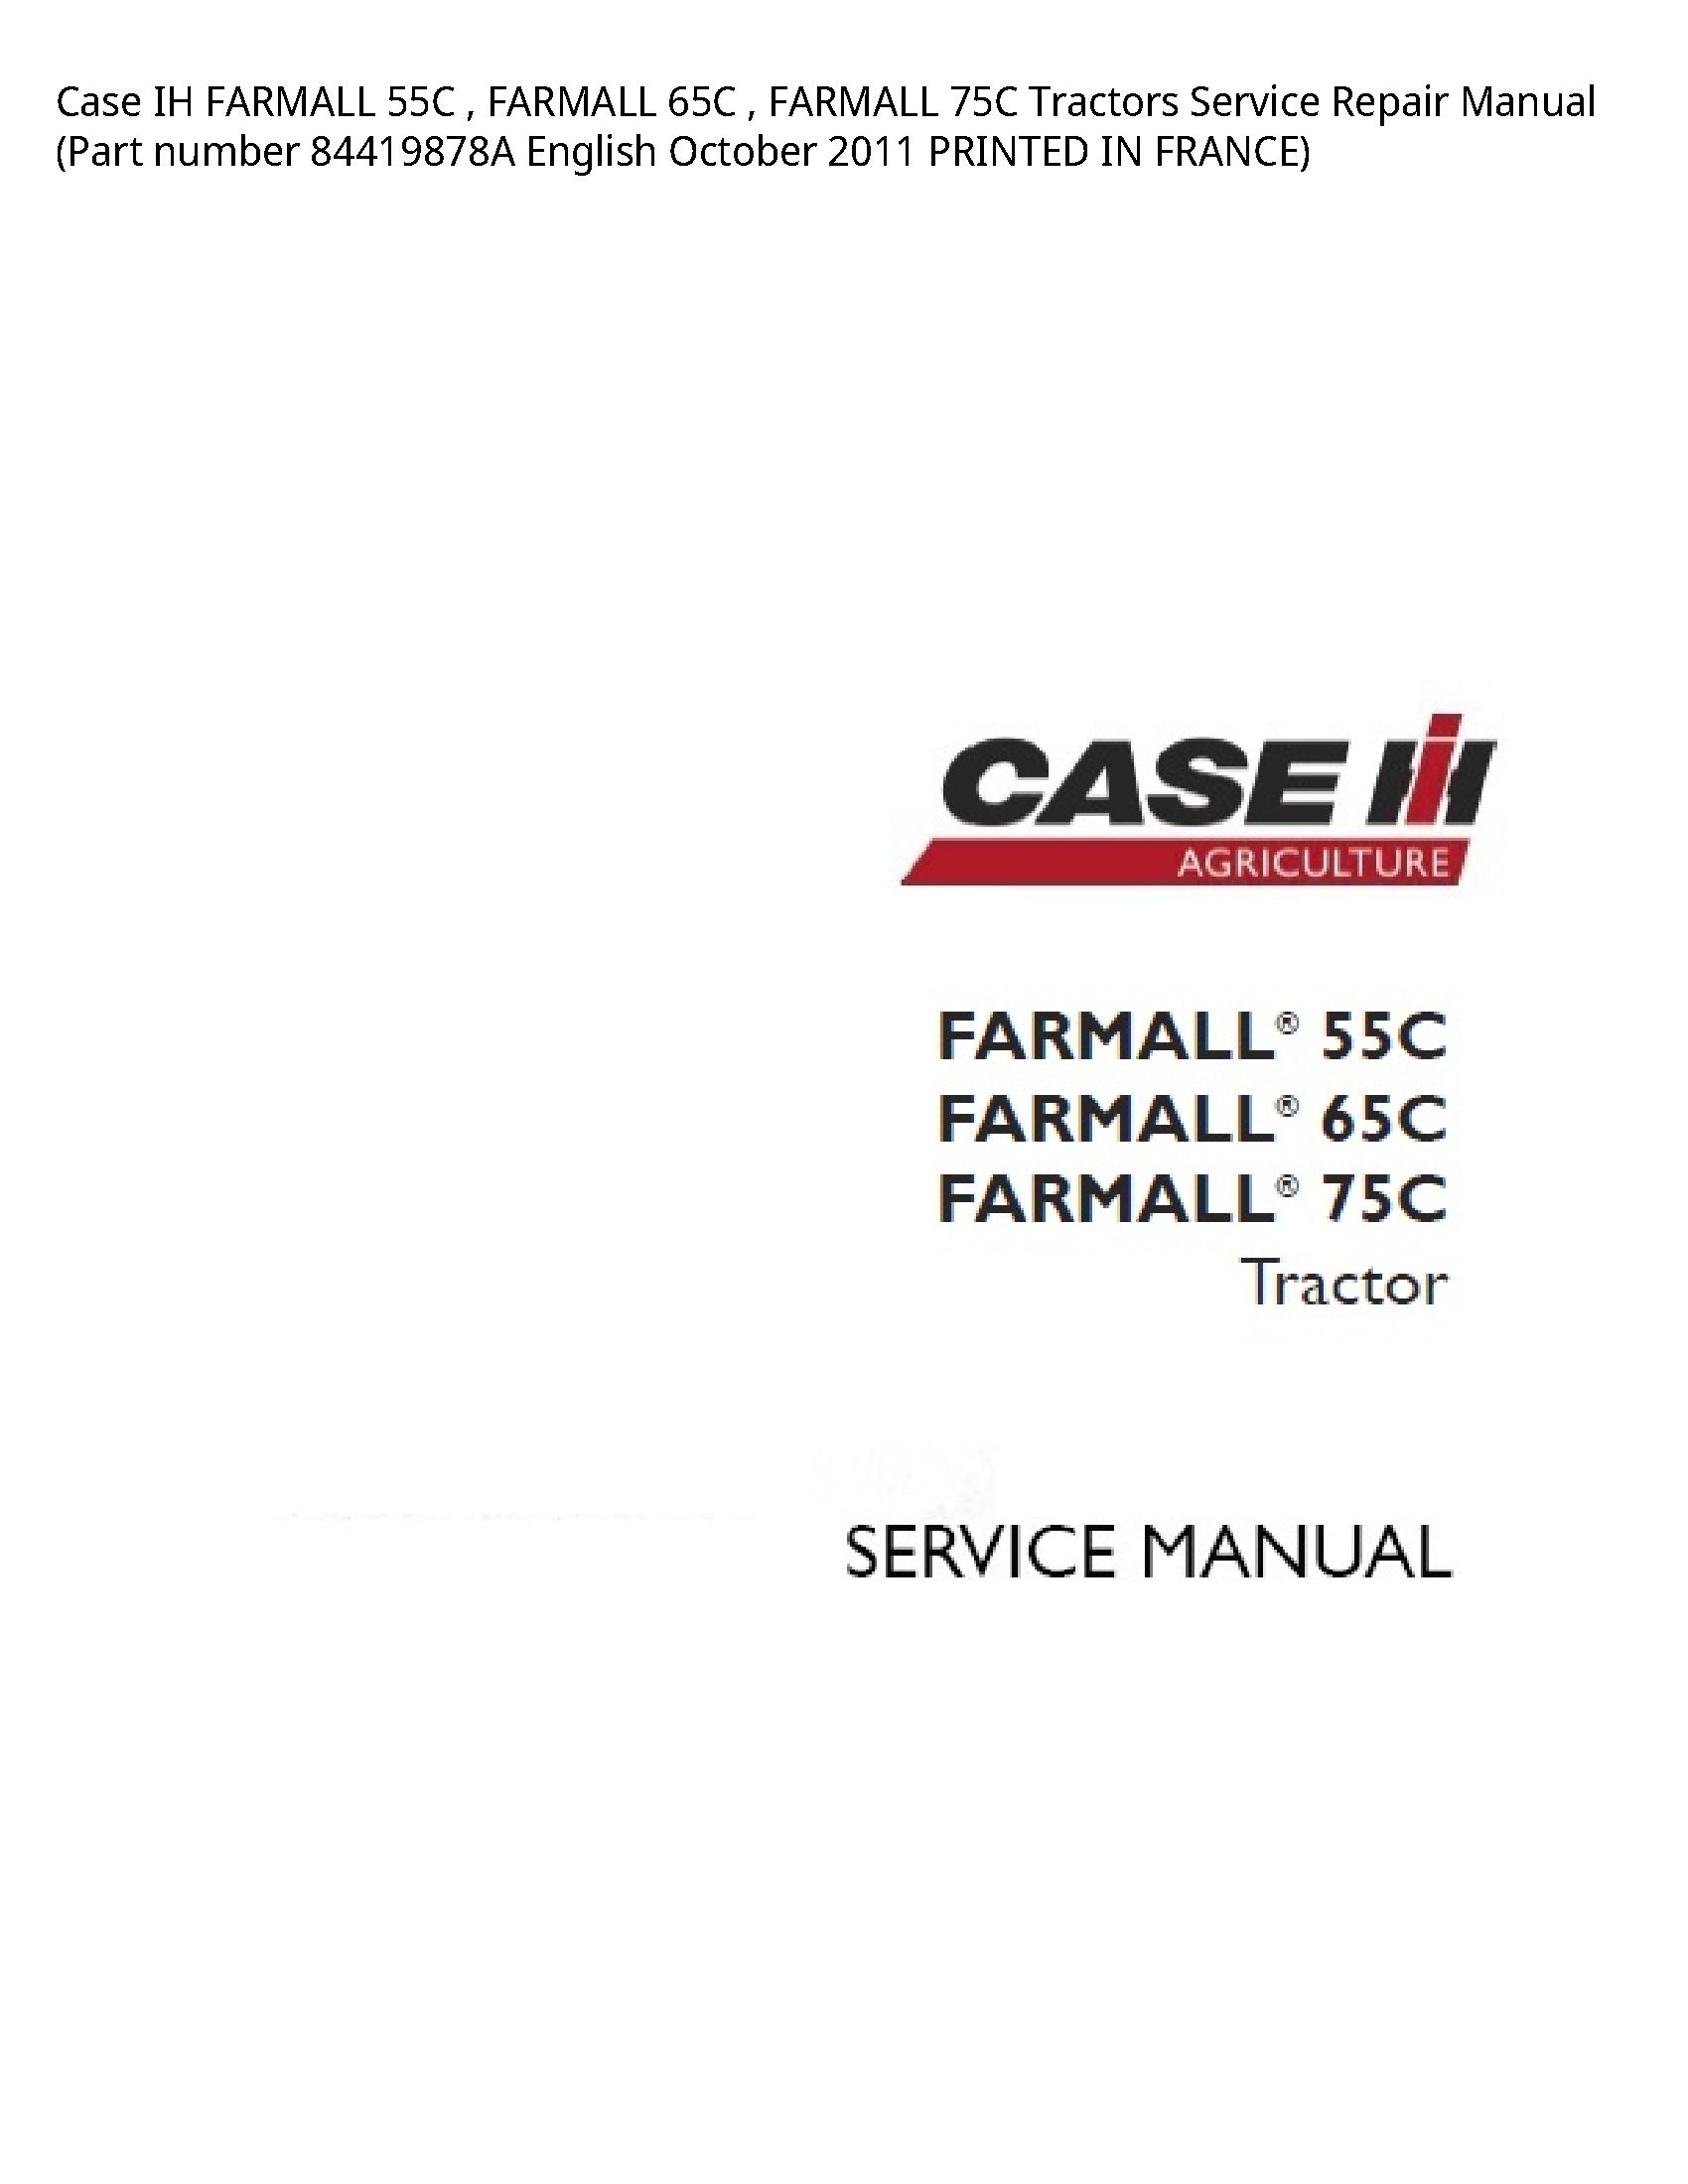 Part Number # 84419878A Farmall 65C Case IH Farmall 55C Farmall ...